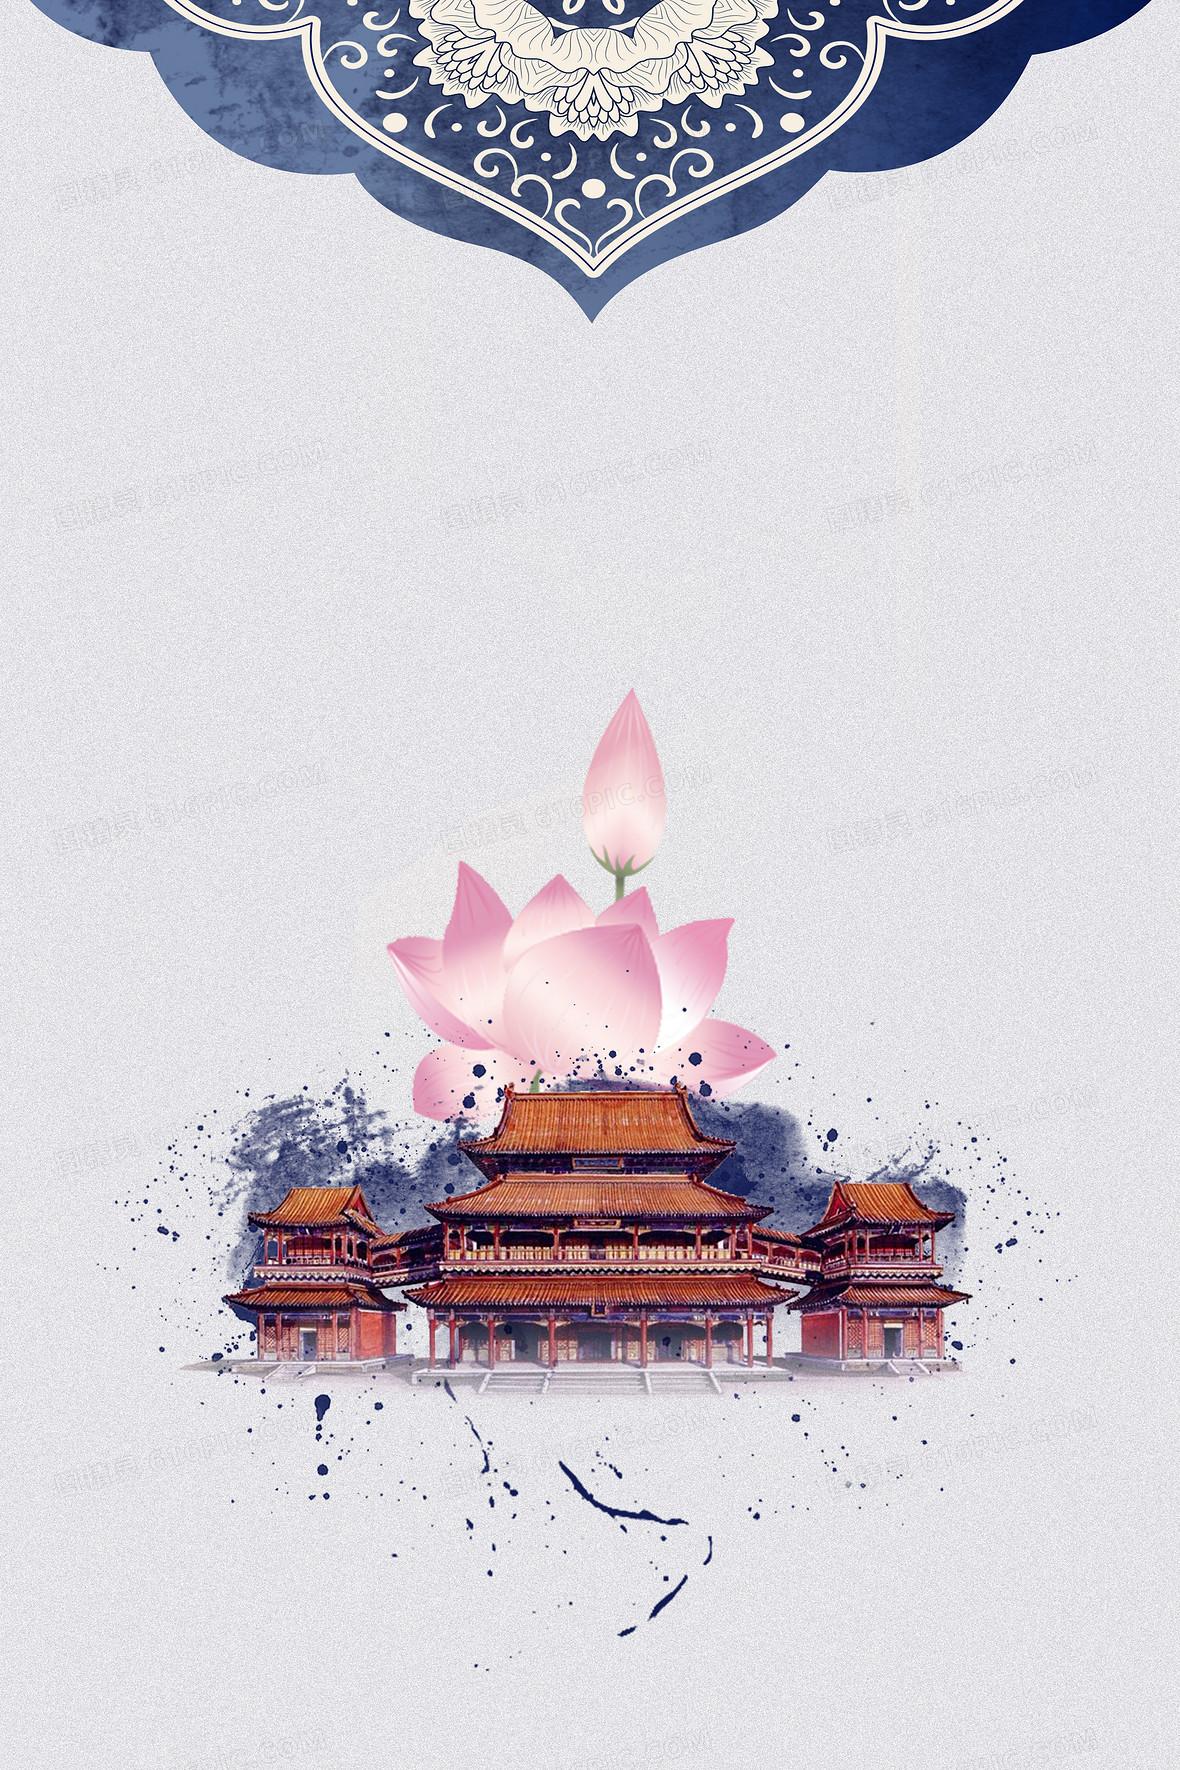 蓝色青花瓷古典北京旅游文化海报背景素材